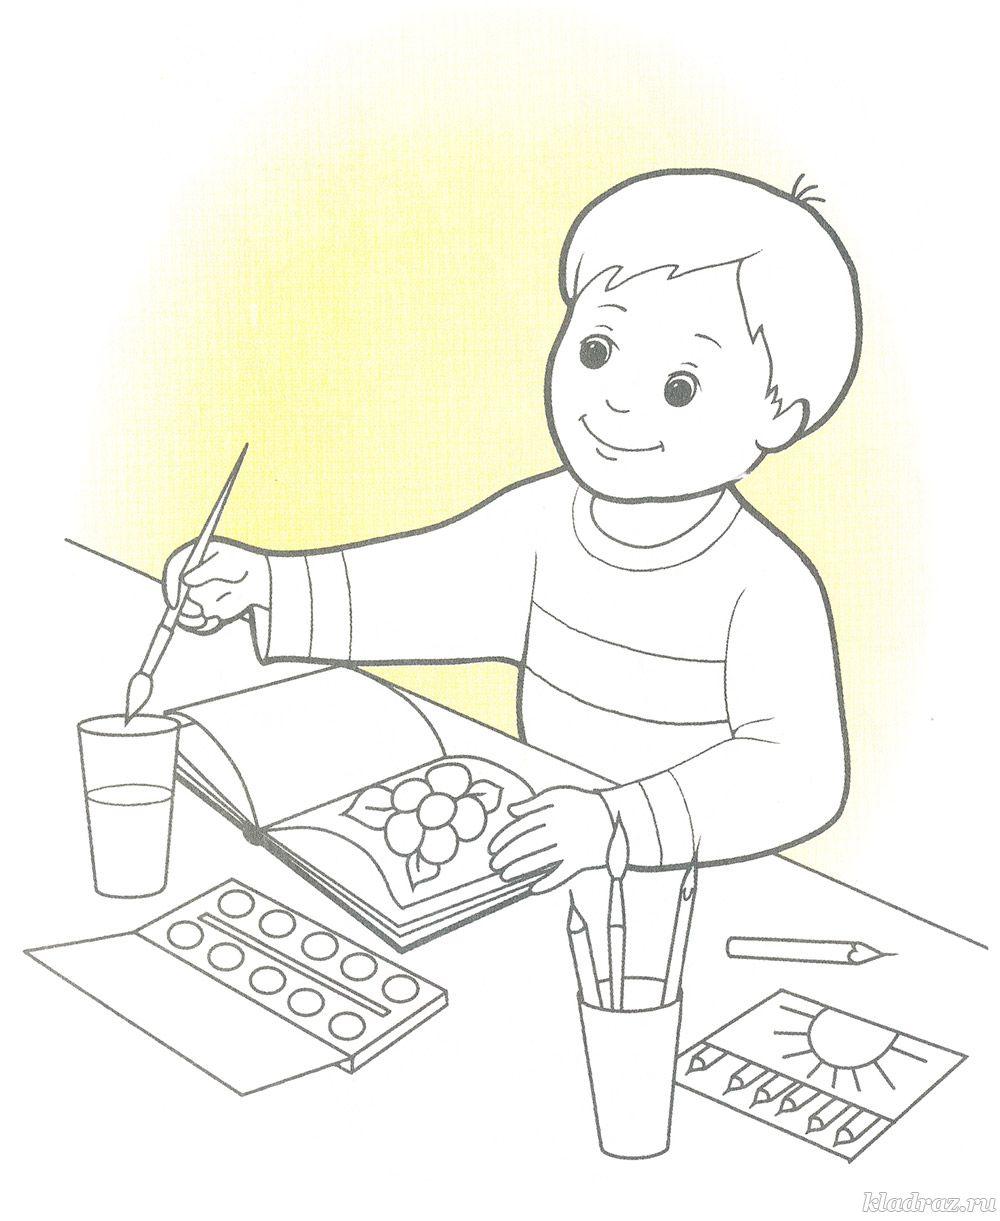 Раскраска к празднику 8 марта для детей 6-7 лет